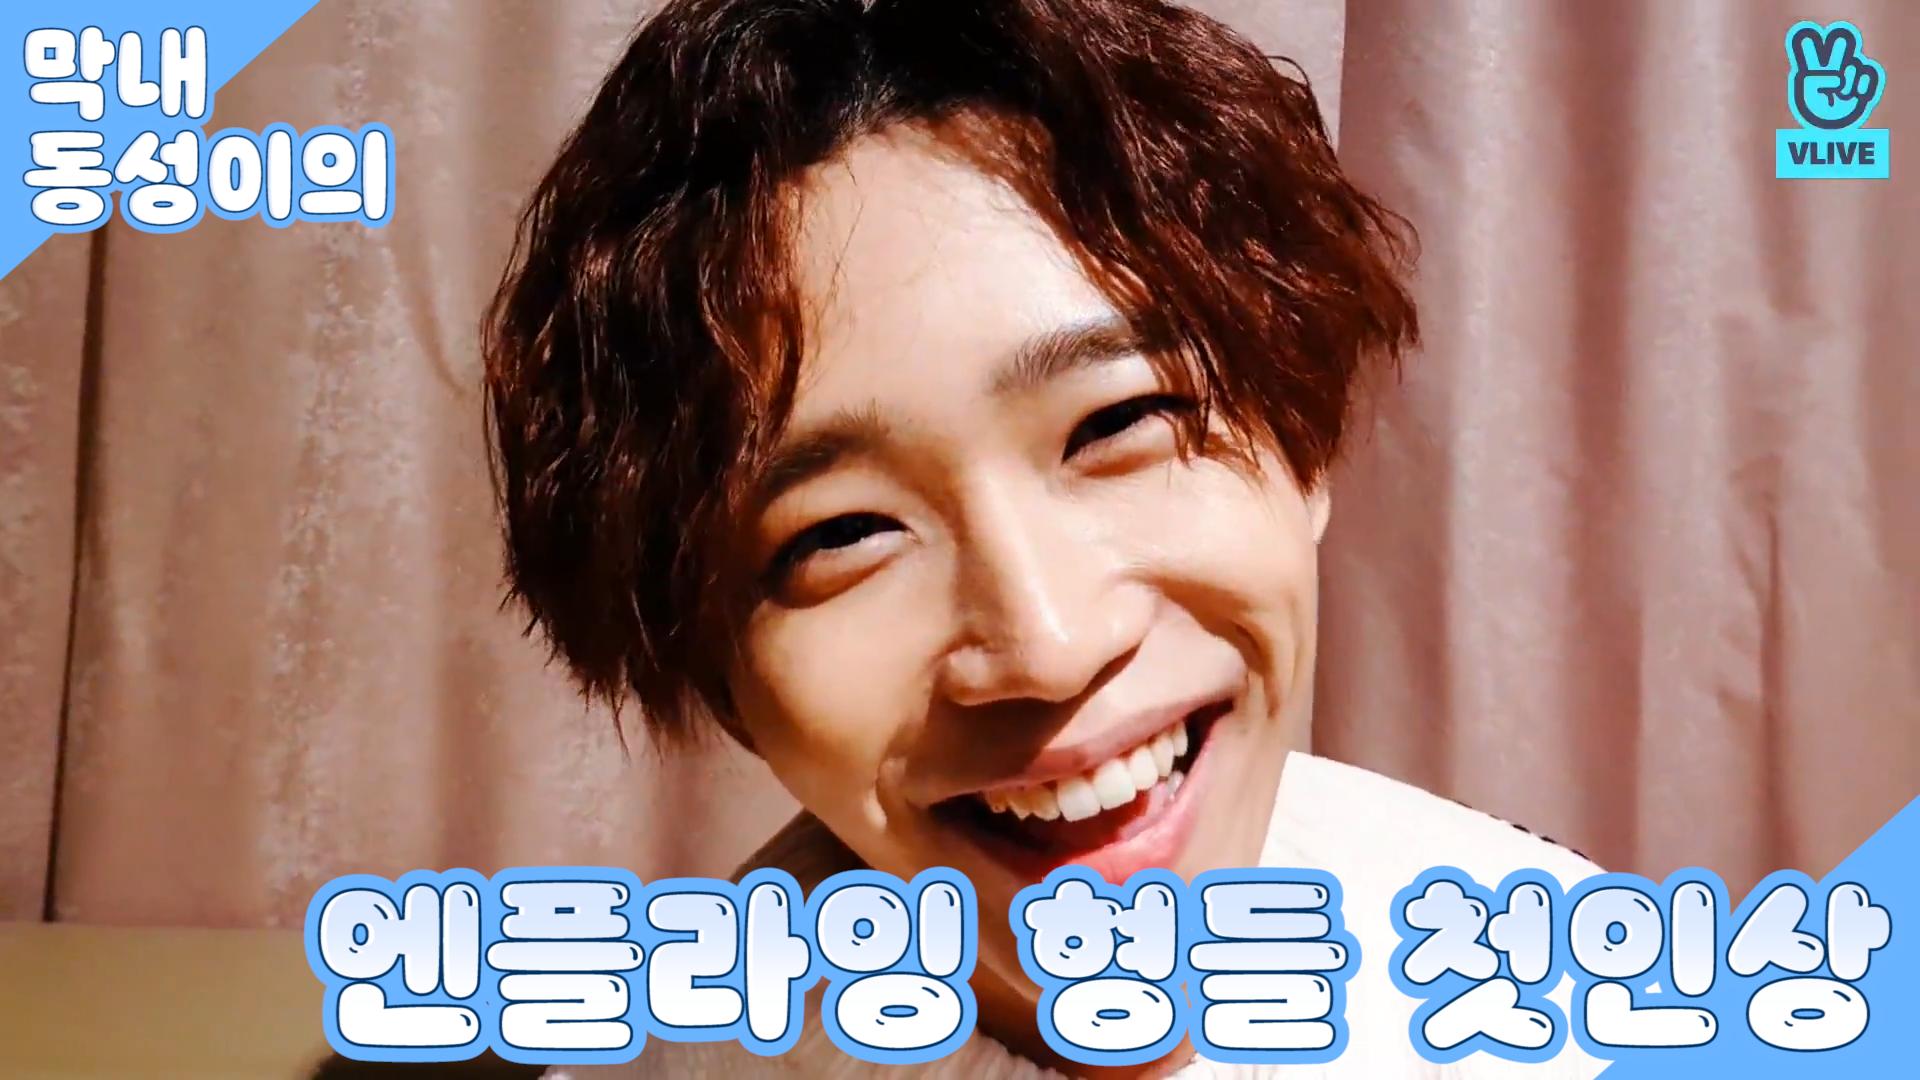 [N.Flying] 떼굴떼굴 귀여운 흑멩이의 첫 브이앱 전세계 송출 중📡❣️ (DongSung talking about members' first impression)